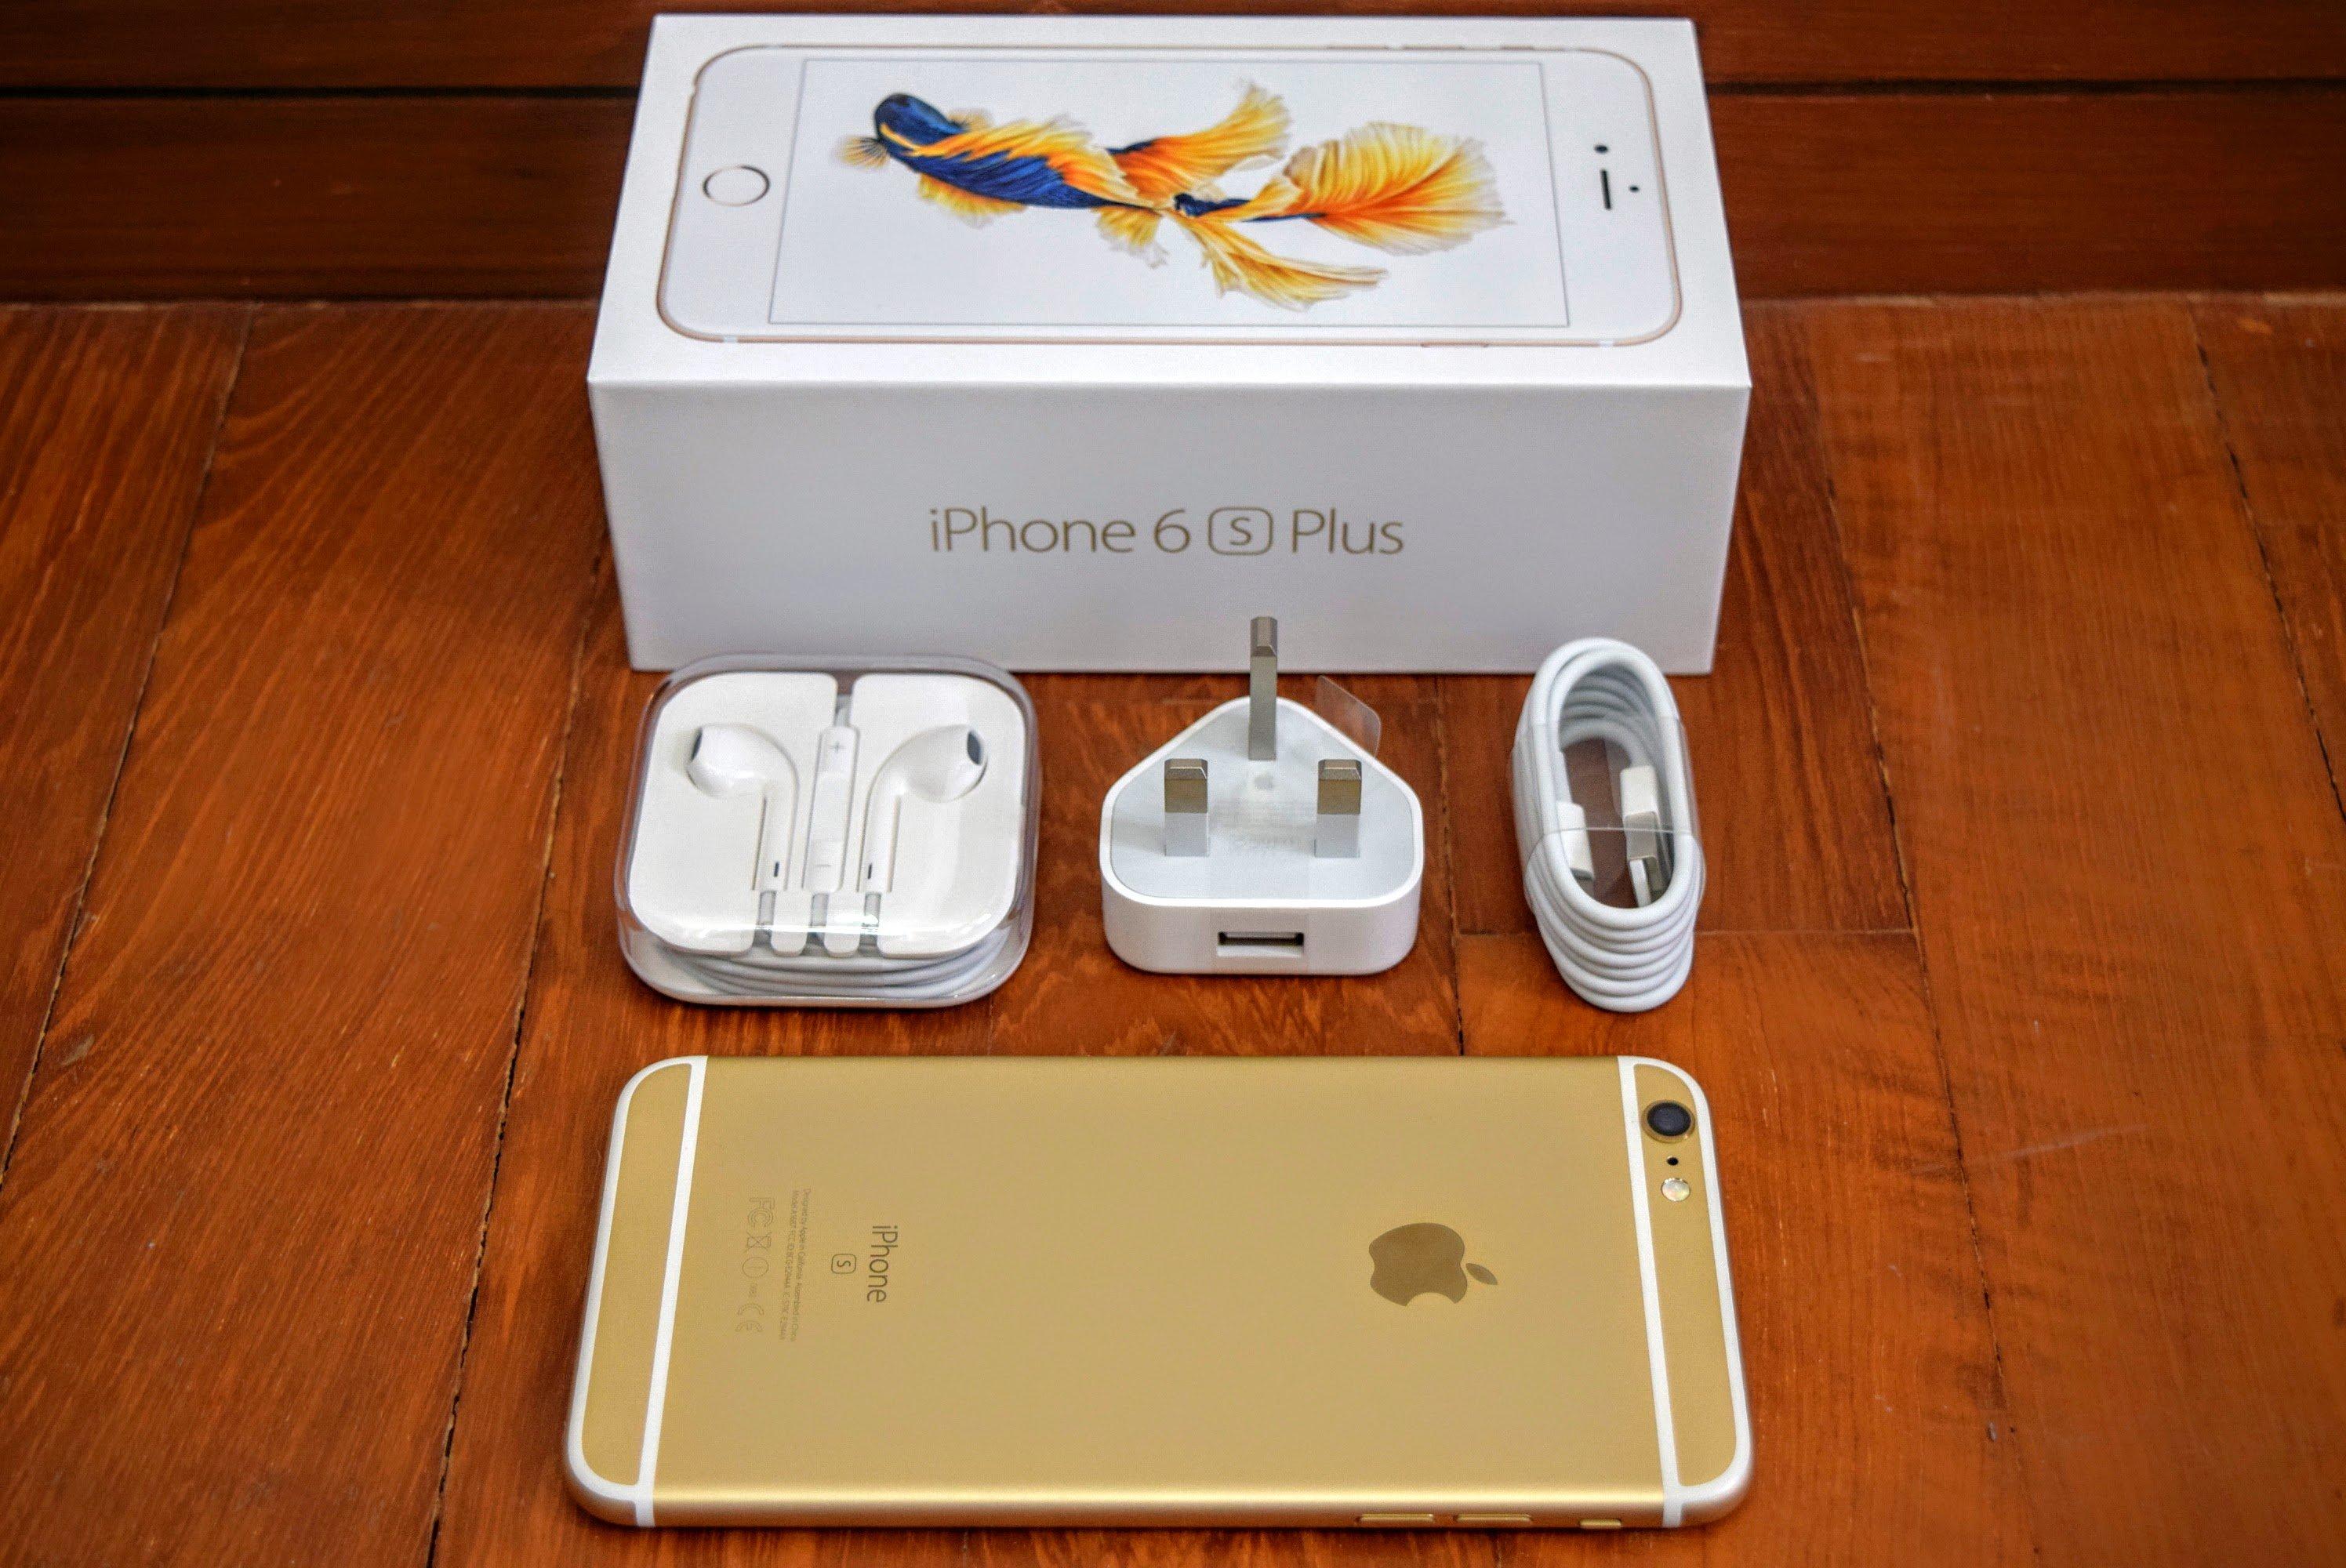 iphone_6s_plus_unboxing_0090